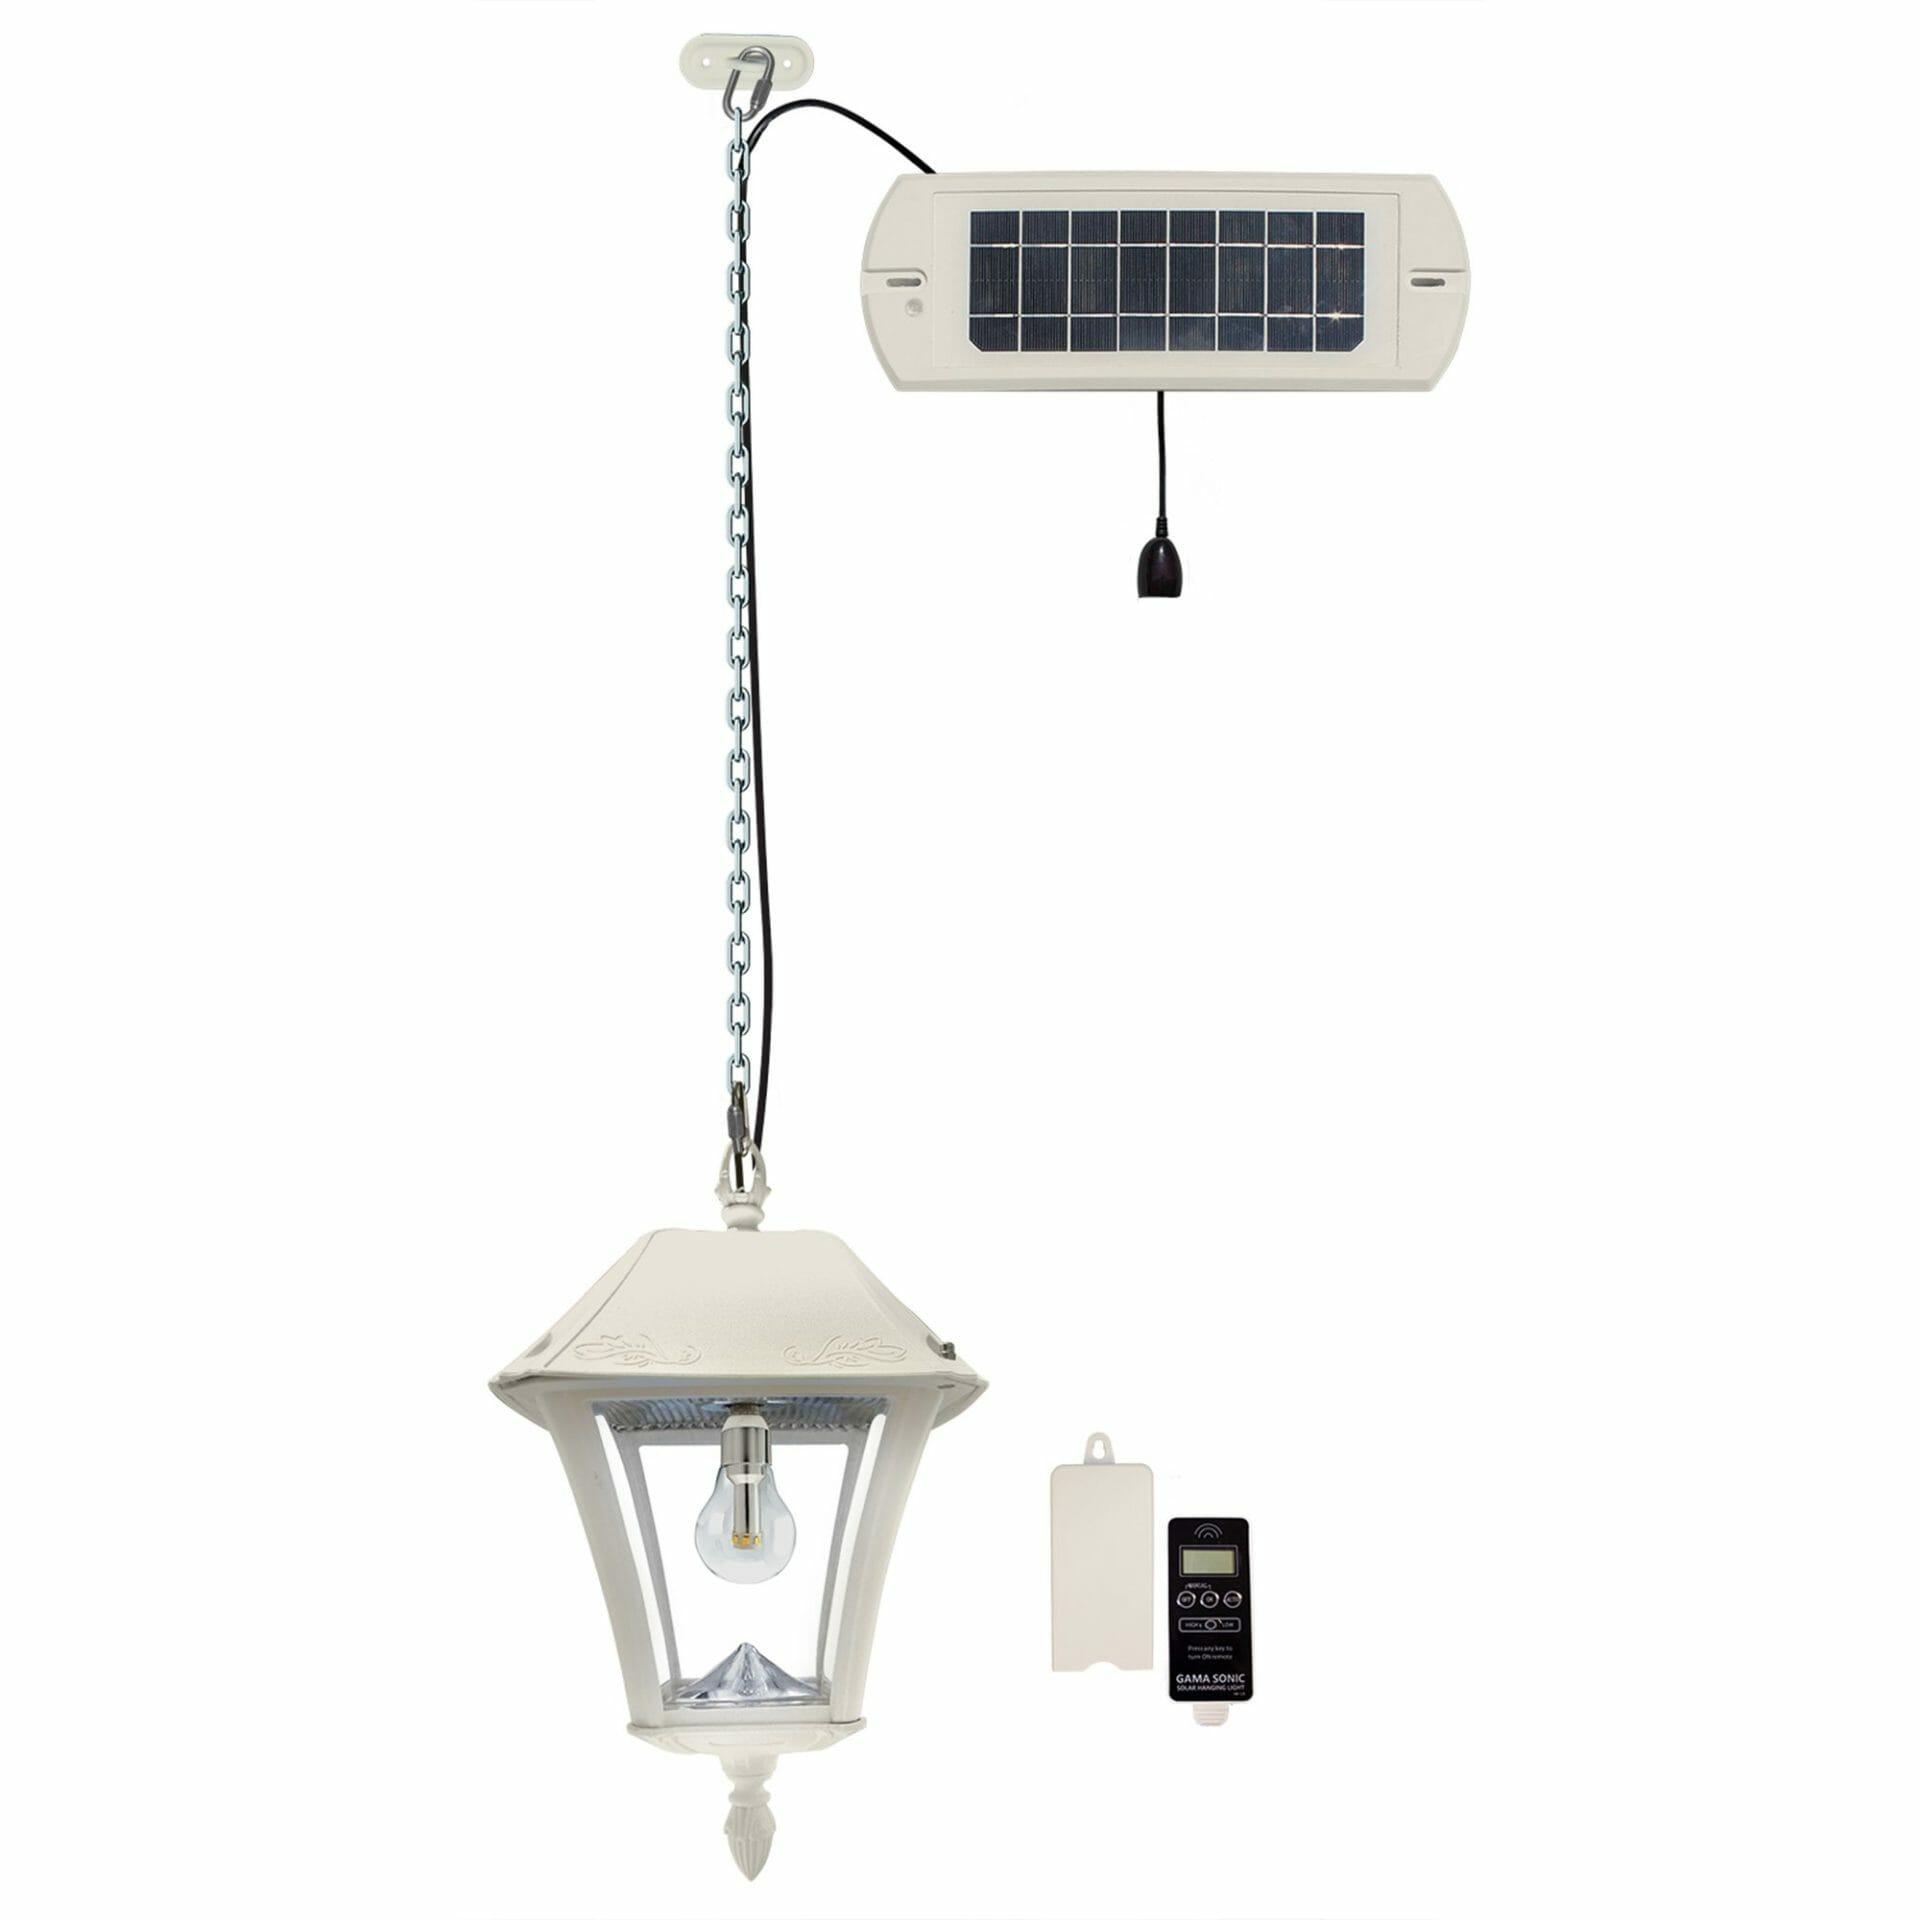 Baytown II Bulb Solar Hanging Light - White 105BCX21